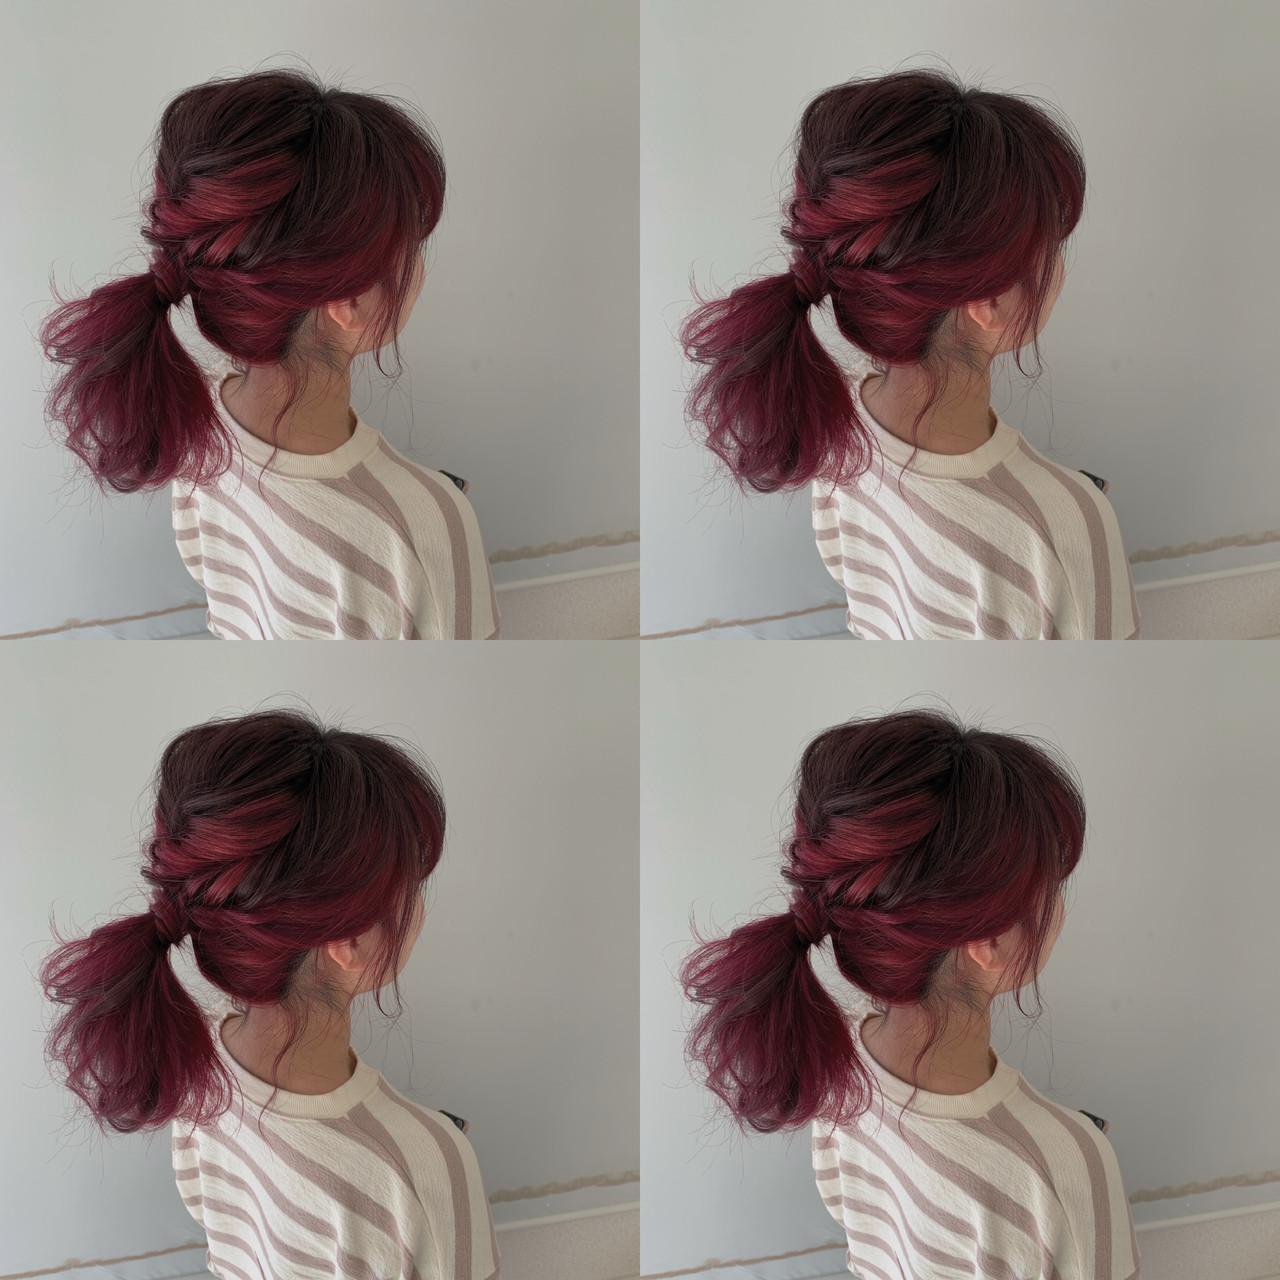 インナーカラー 簡単ヘアアレンジ ヘアアレンジ ミディアム ヘアスタイルや髪型の写真・画像 | 新谷 朋宏 / Free hairstylist shinya